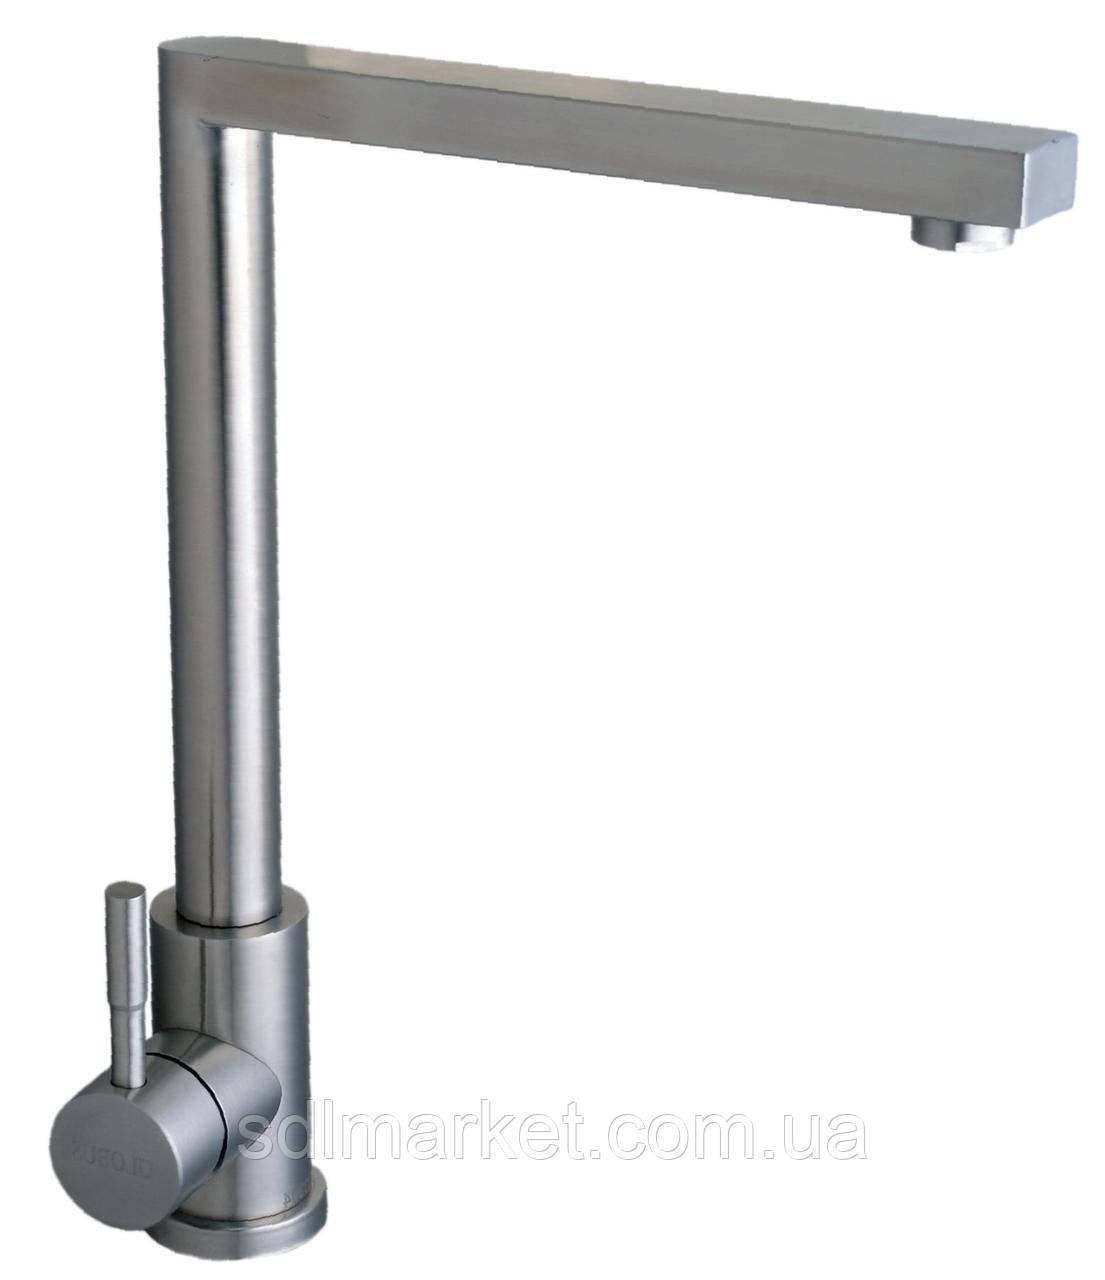 Смеситель кухонный Globus Lux SUS-112 из нержавеющей стали